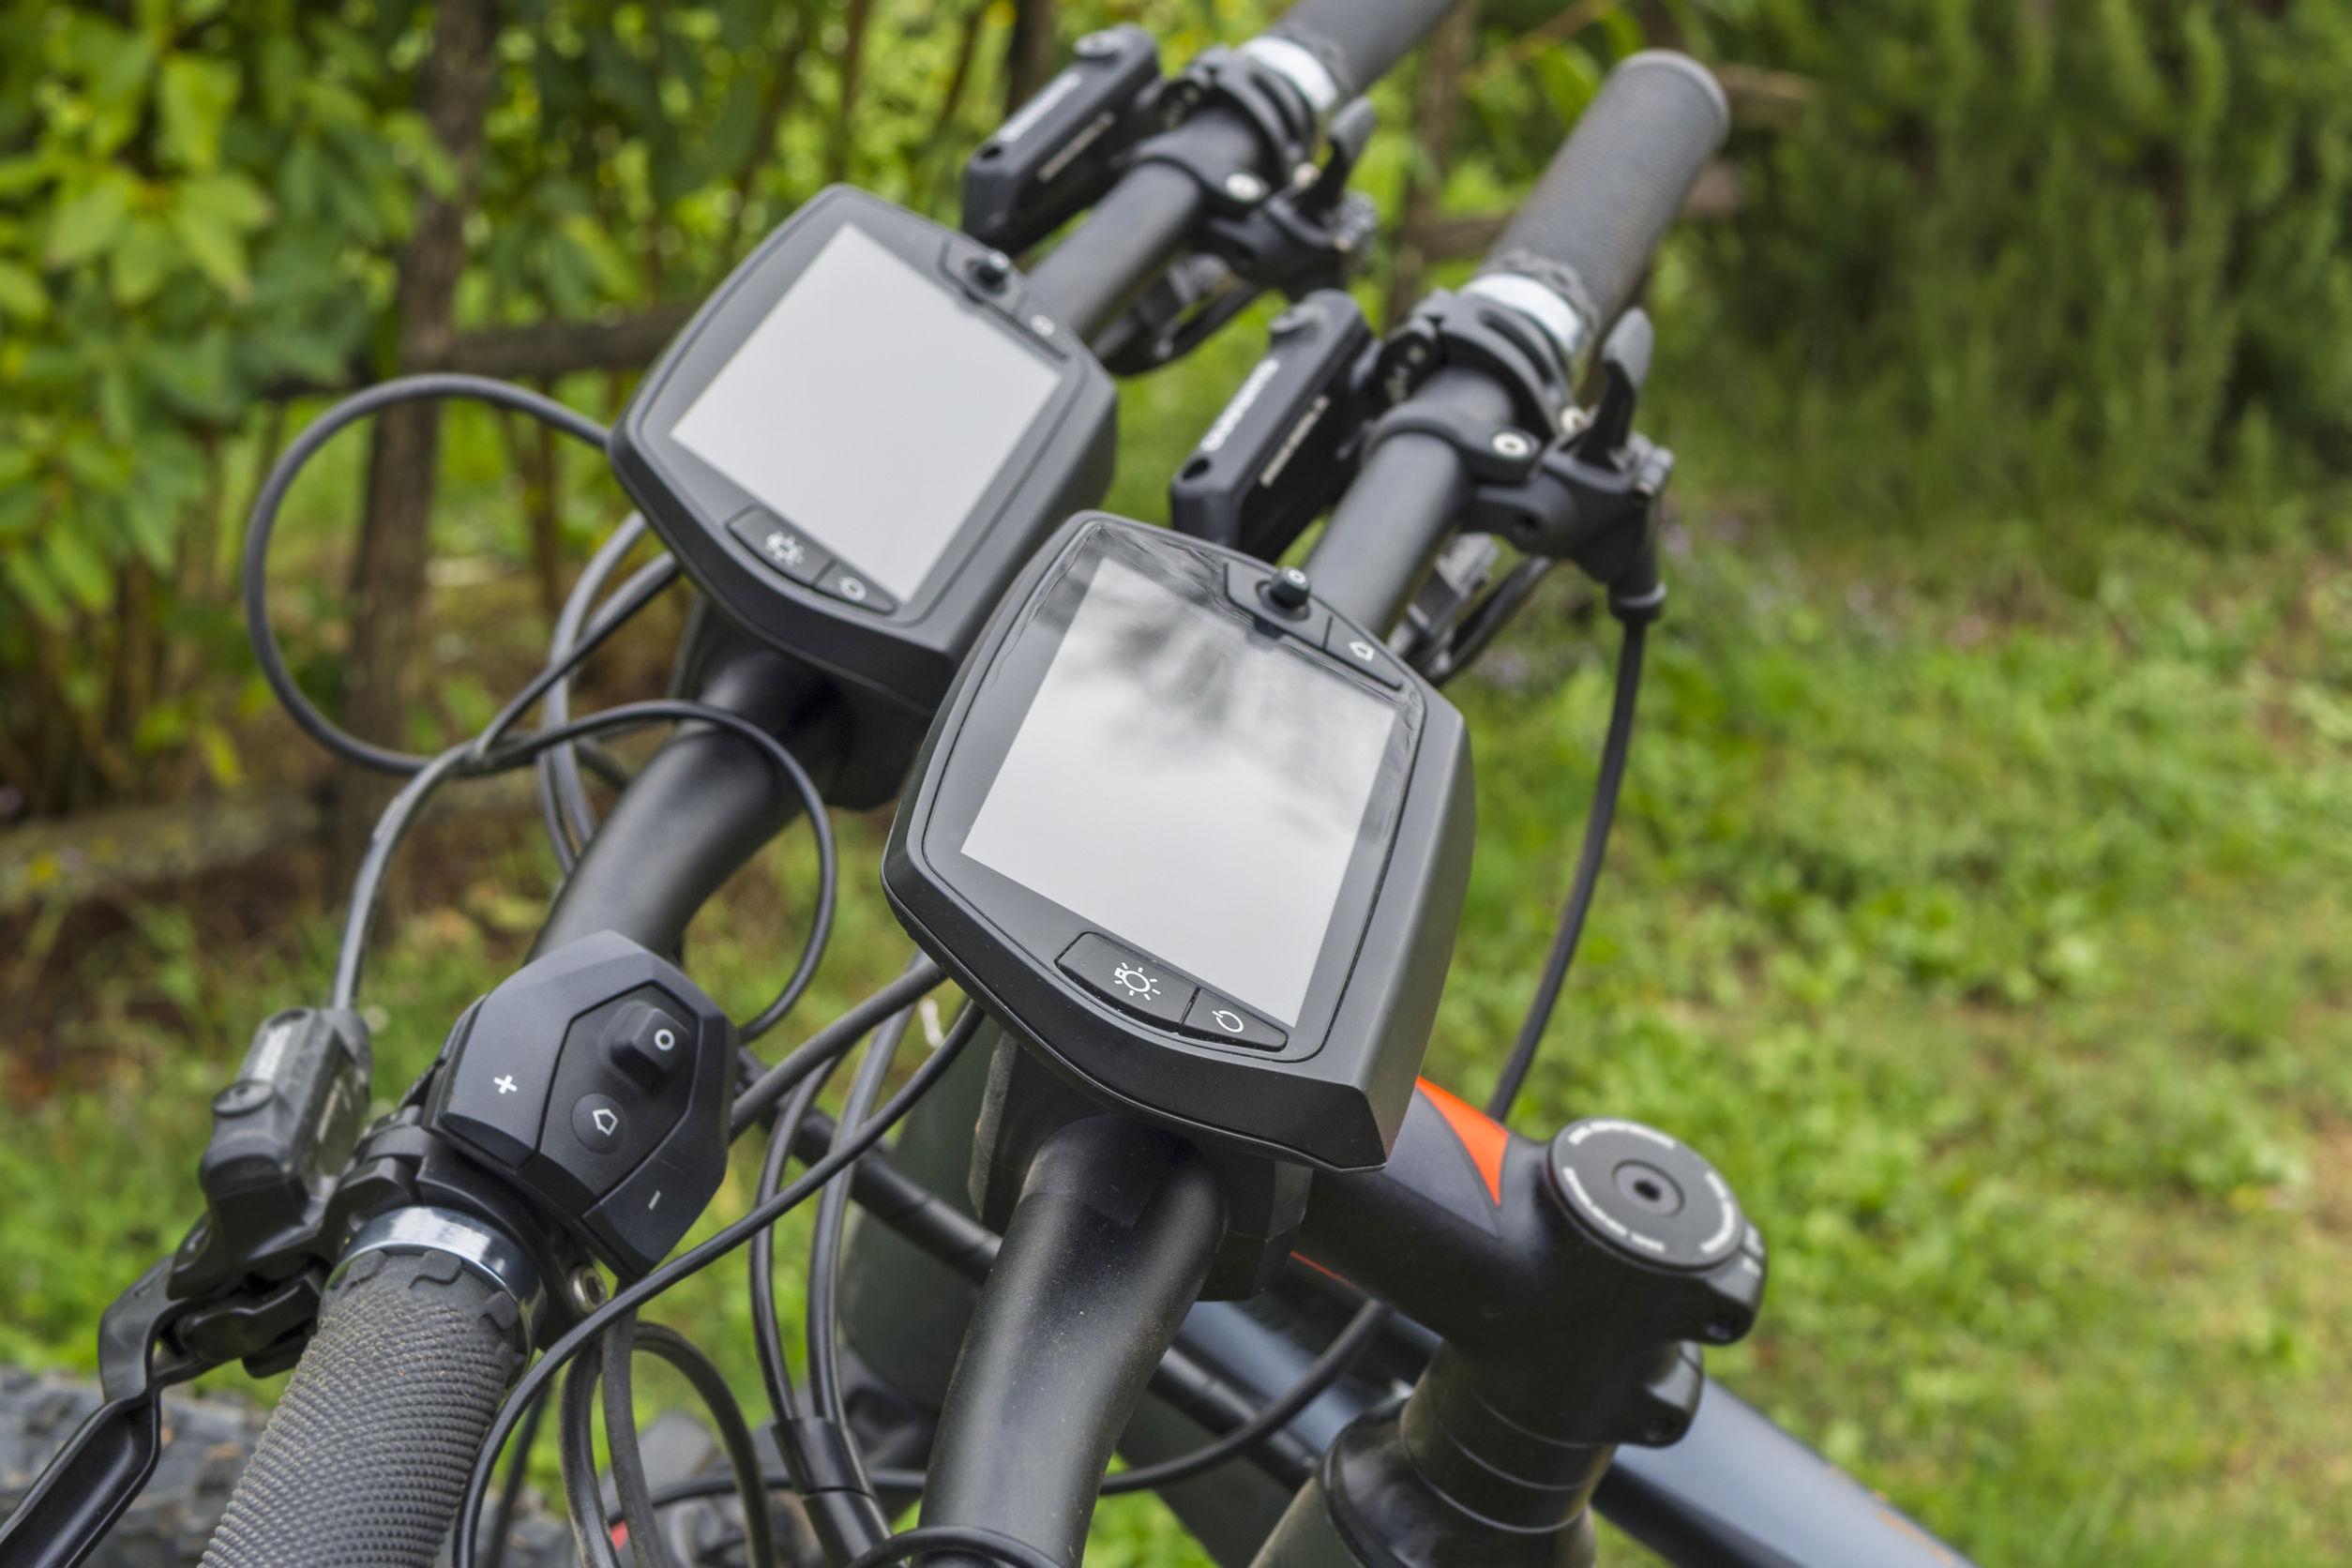 Fahrradcomputer: Test & Empfehlungen (08/20)